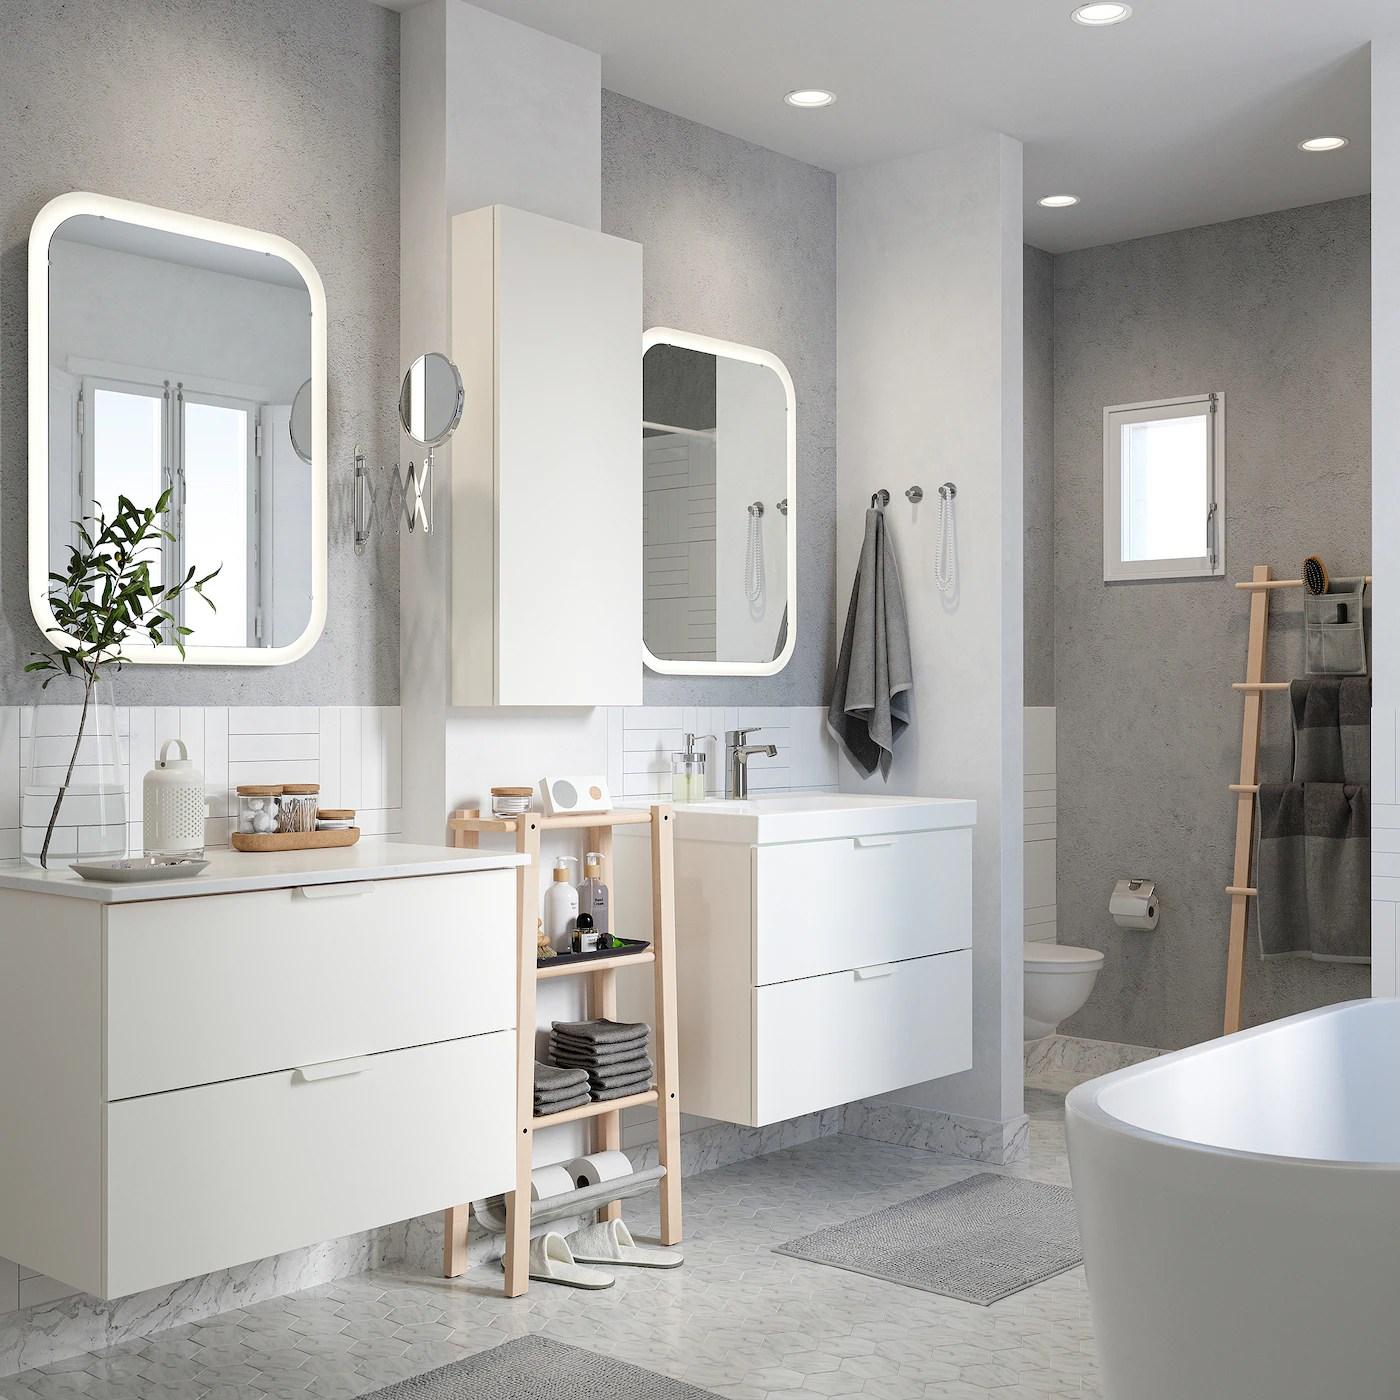 salle de bain moderne beige et gris